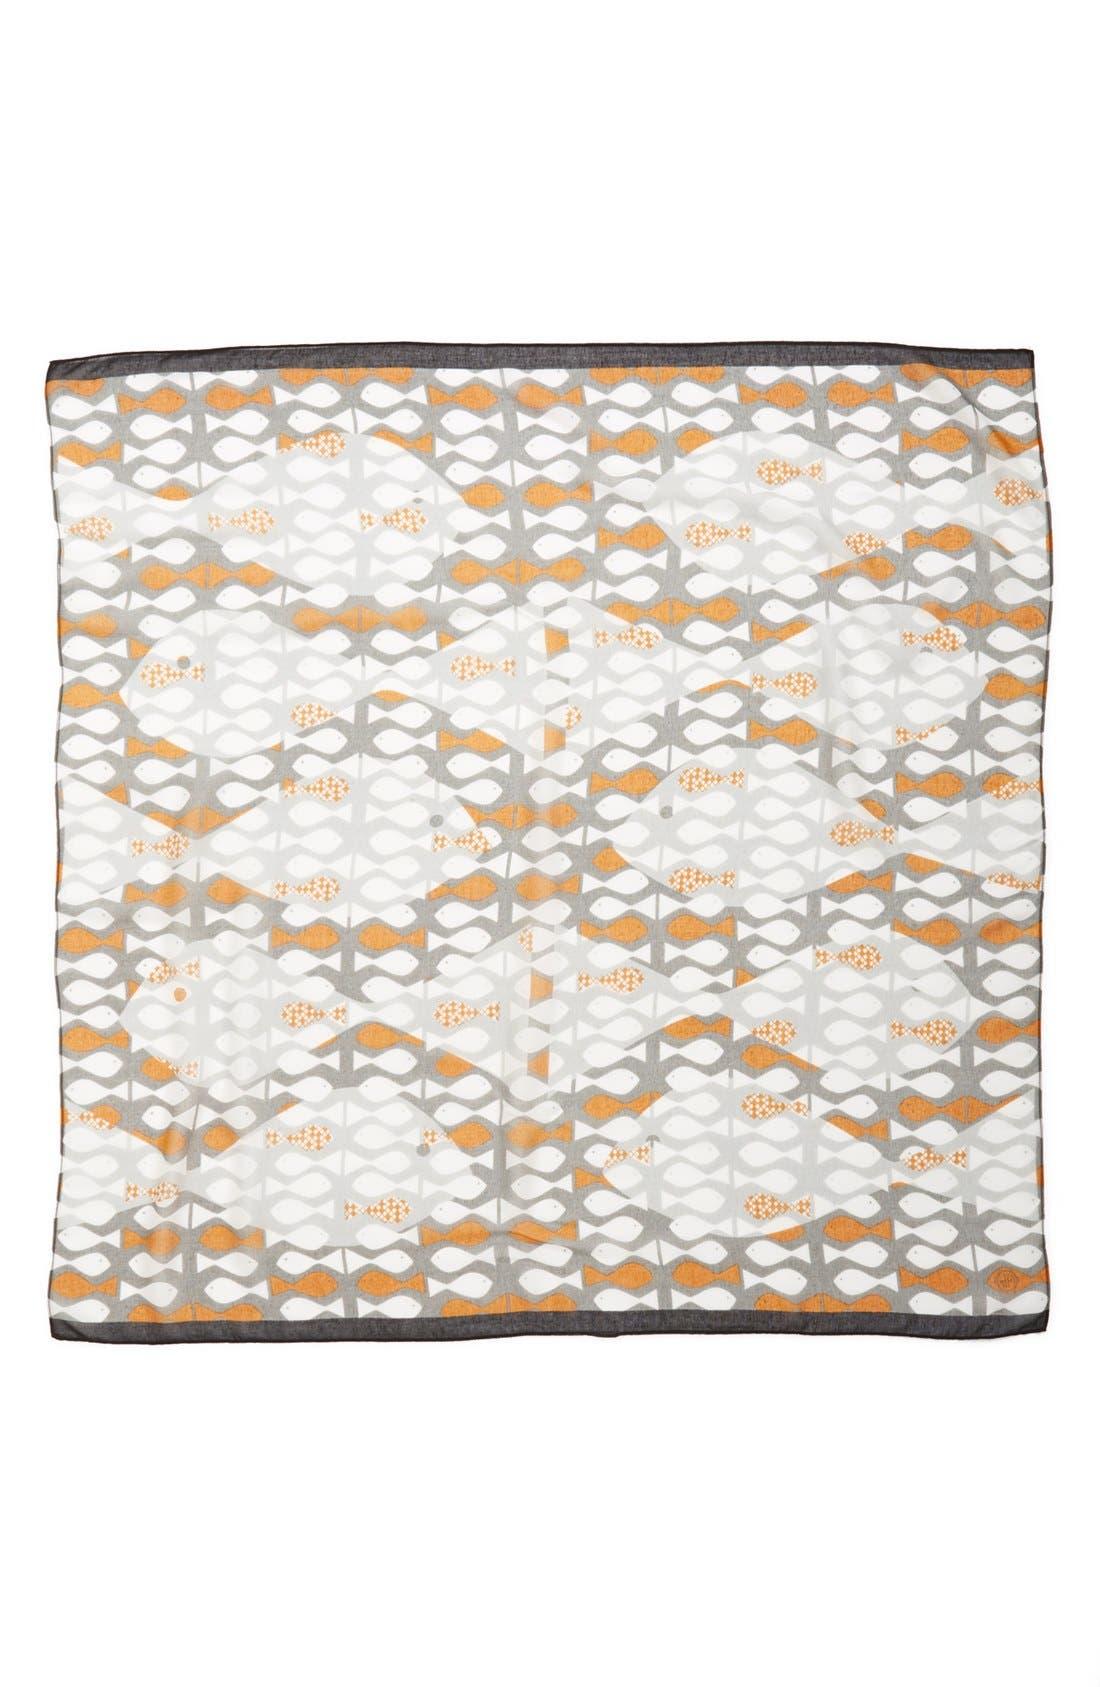 JONATHAN ADLER,                             'Neptune' Square Modal & Silk Scarf,                             Alternate thumbnail 2, color,                             200